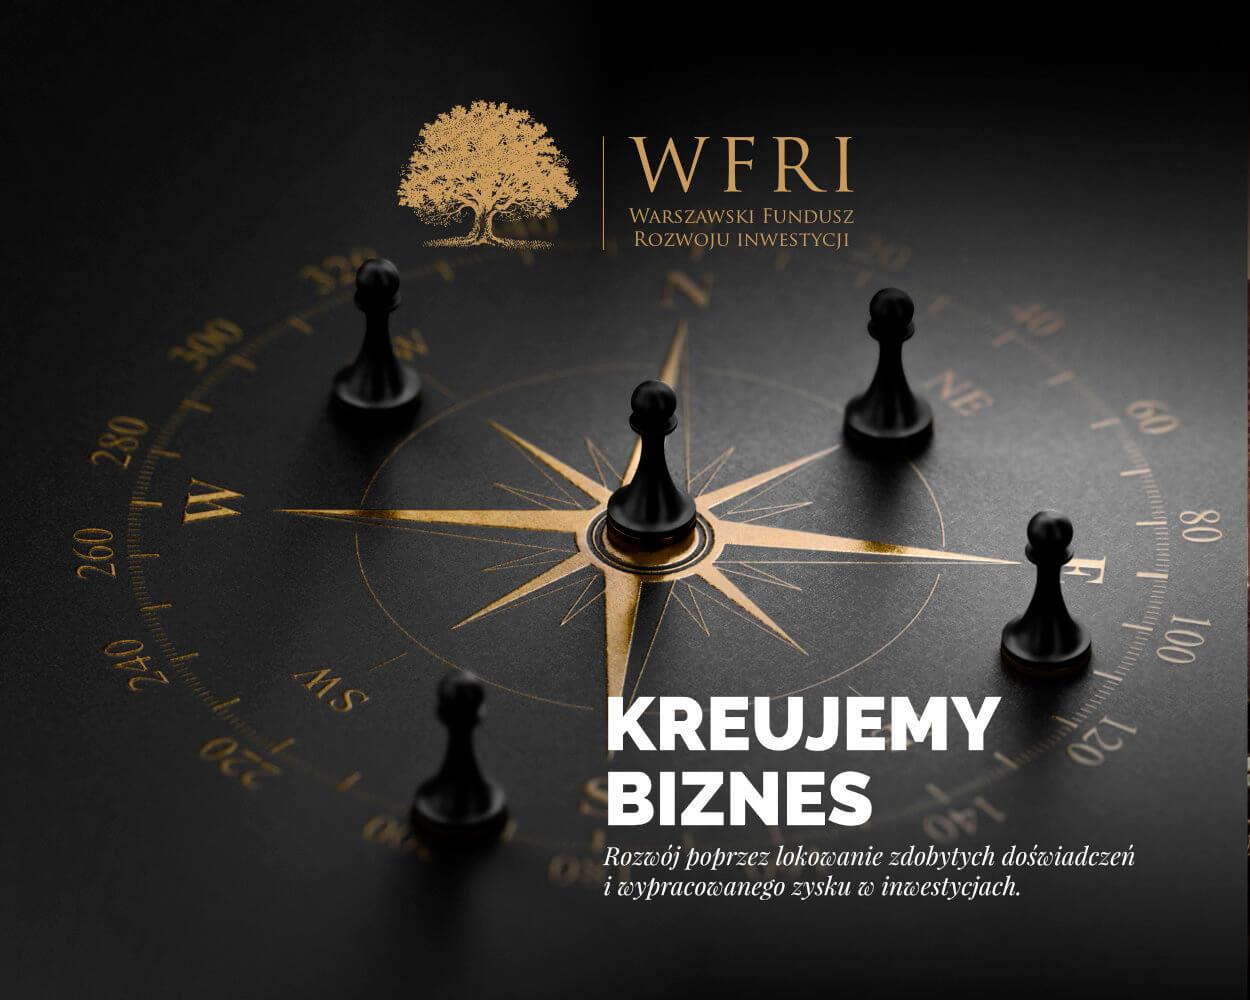 SeydaStudio.pl | Warszawki Fundusz Rozwoju Inwestycji